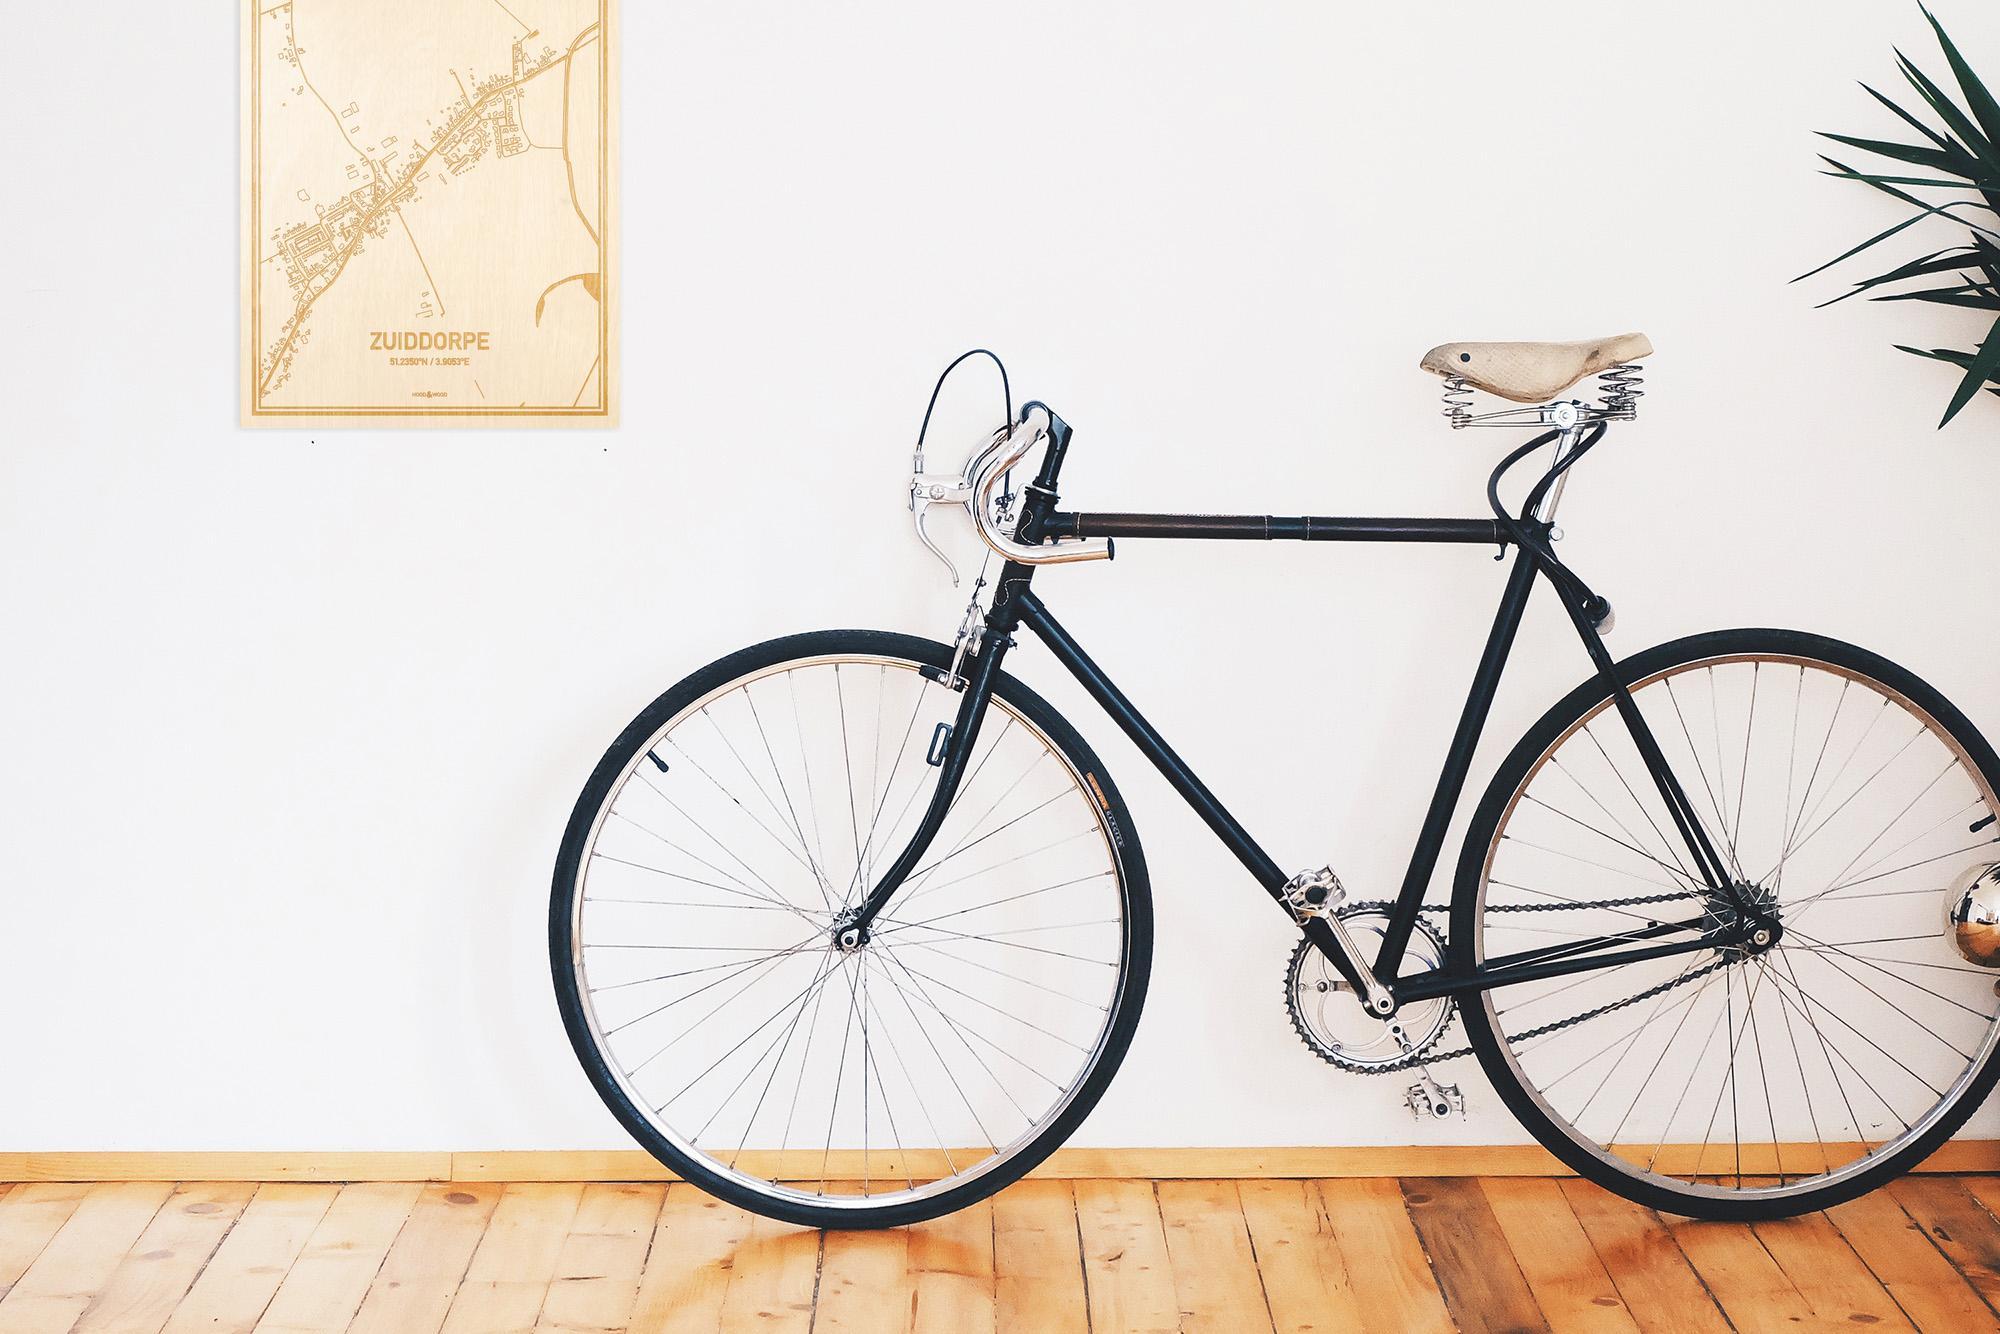 Een snelle fiets in een uniek interieur in Zeeland met mooie decoratie zoals de plattegrond Zuiddorpe.